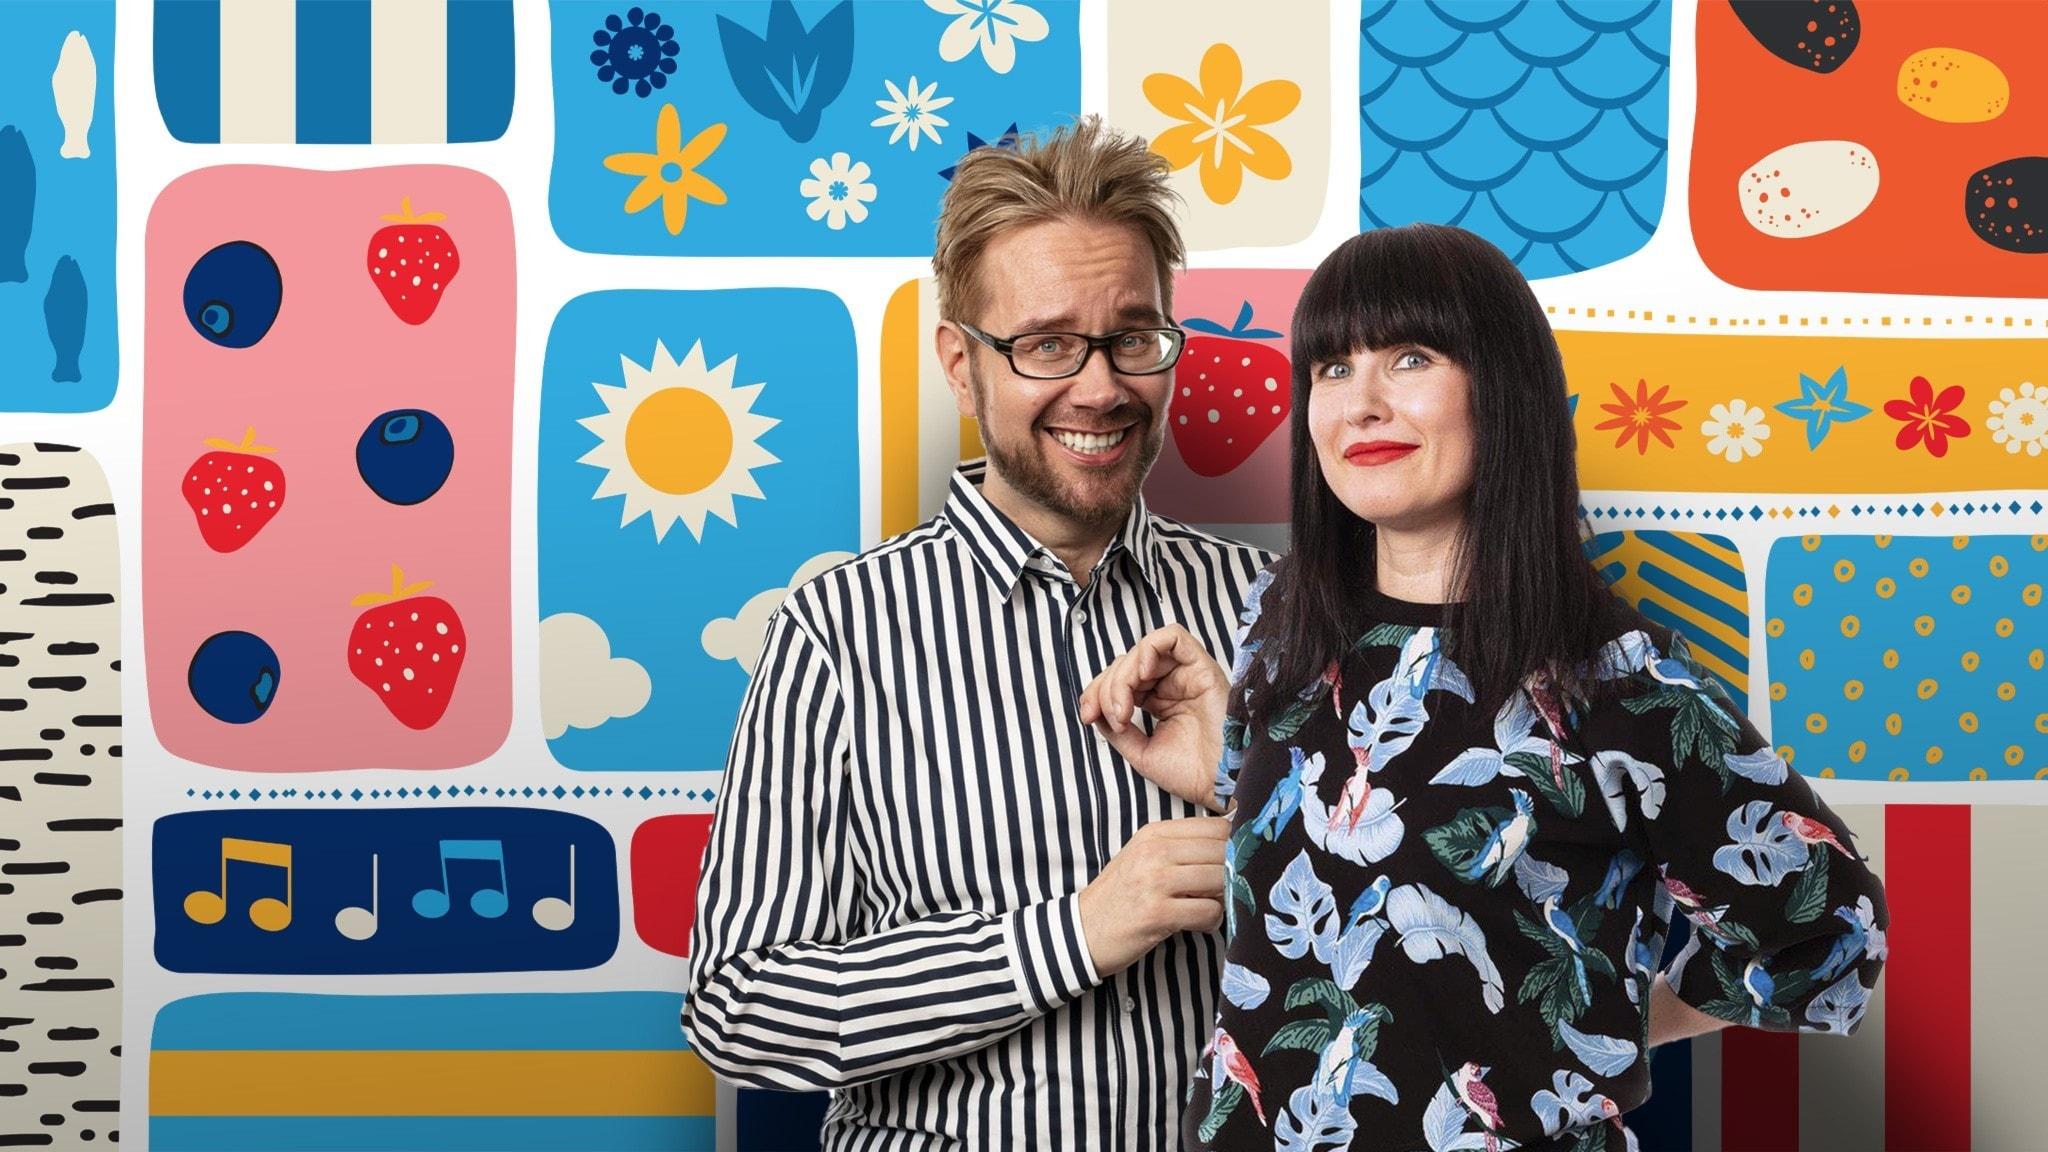 Programledarna Erkki och Hanna framför en färgglad somrig bakgrund.